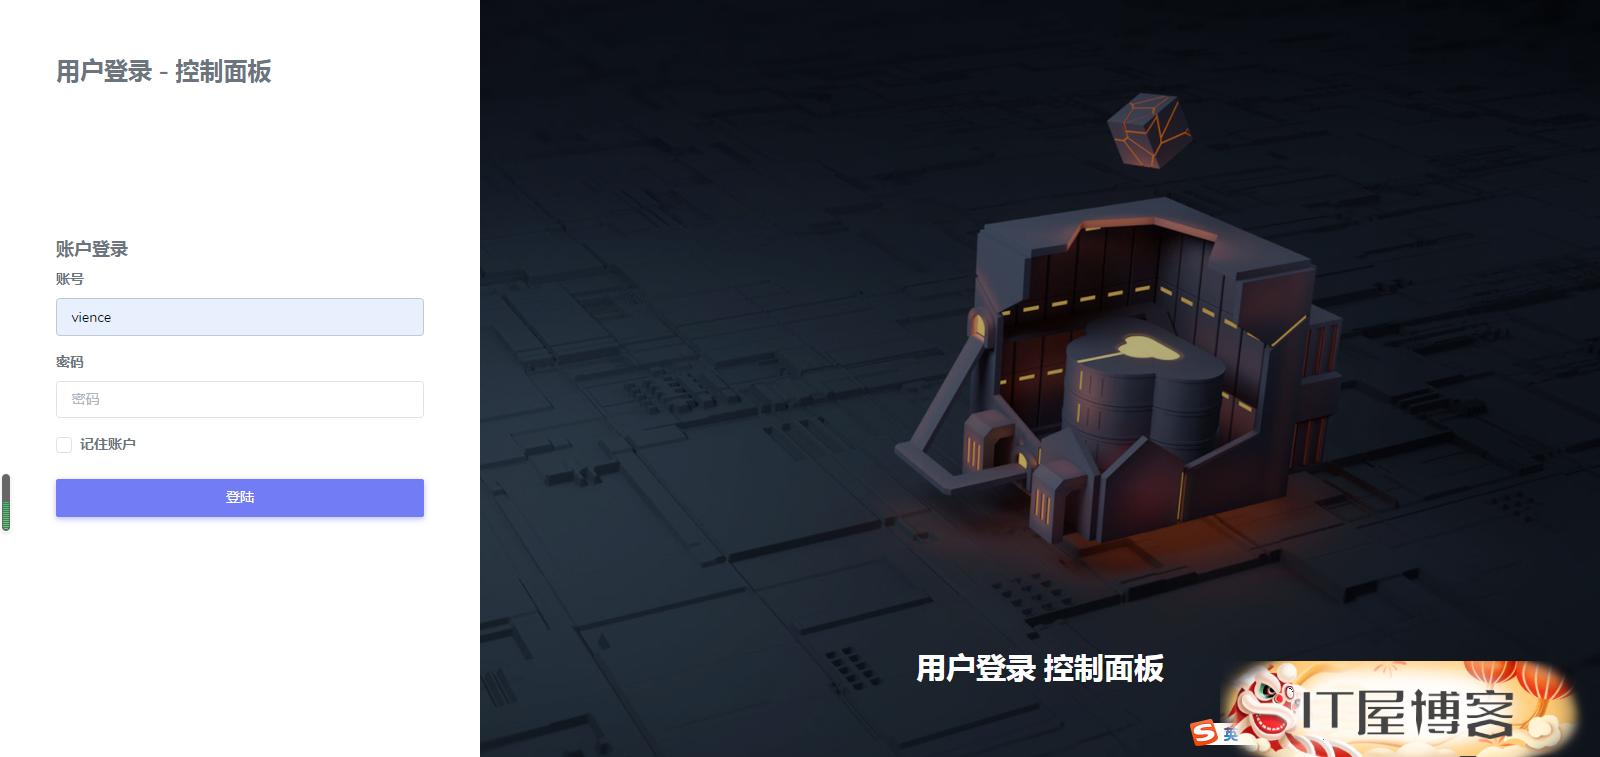 【视频教程】康乐KANGLE一款漂亮的3312/vhost前台模板 康乐KANGLE模板 kangle模板 模板 教程 ep SSH 服务器软件 D盾 Linux 文件 系统 第1张